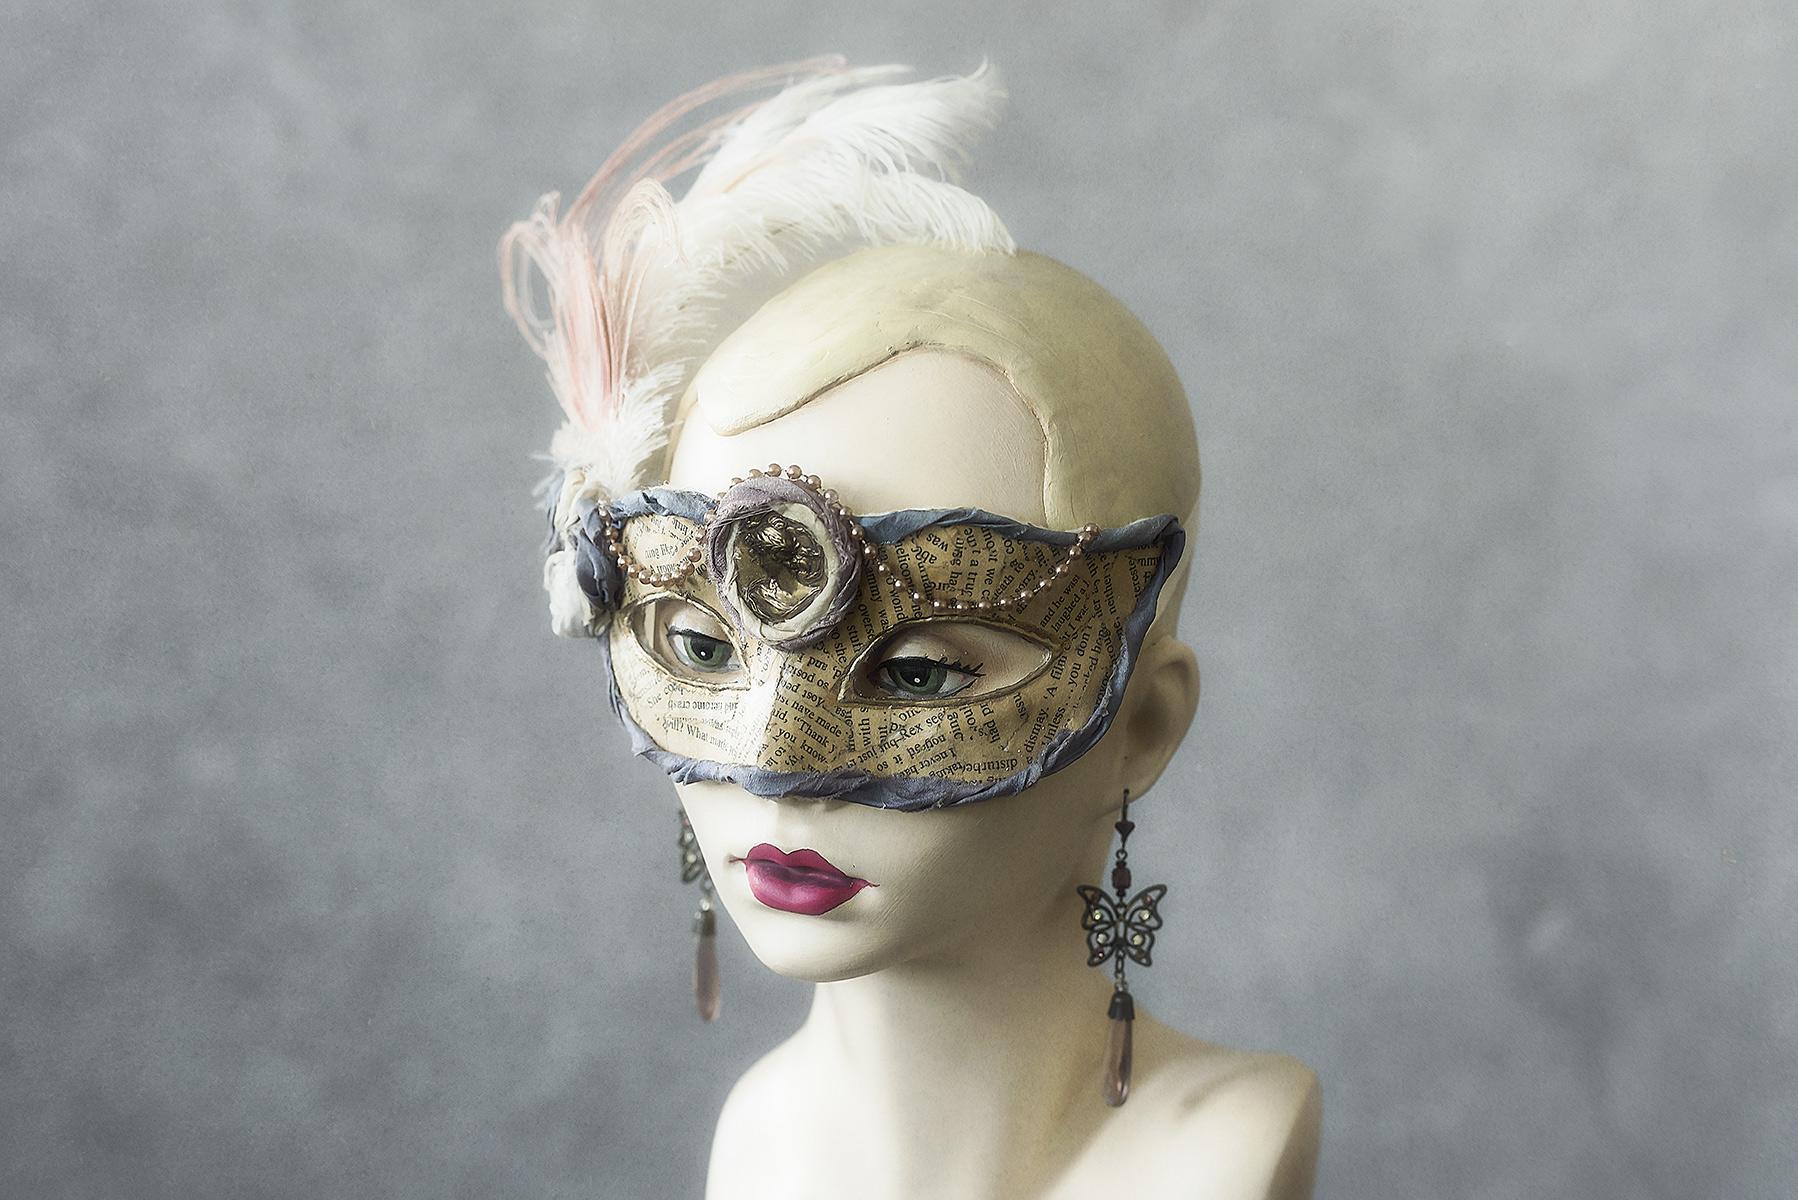 Mannequin #MNQ-1611